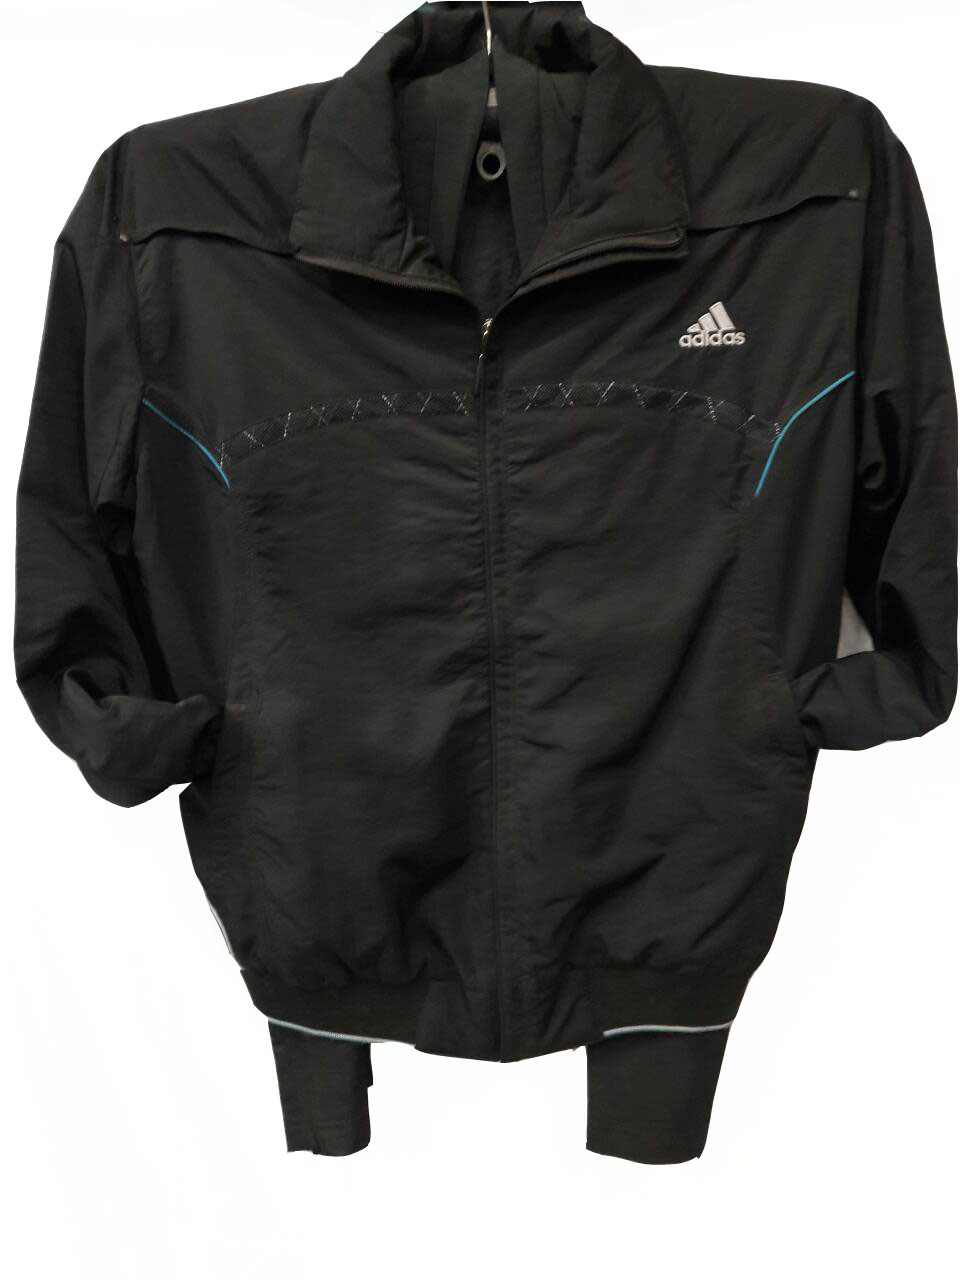 Костюм мужской спортивный Adidas черный без лампасов